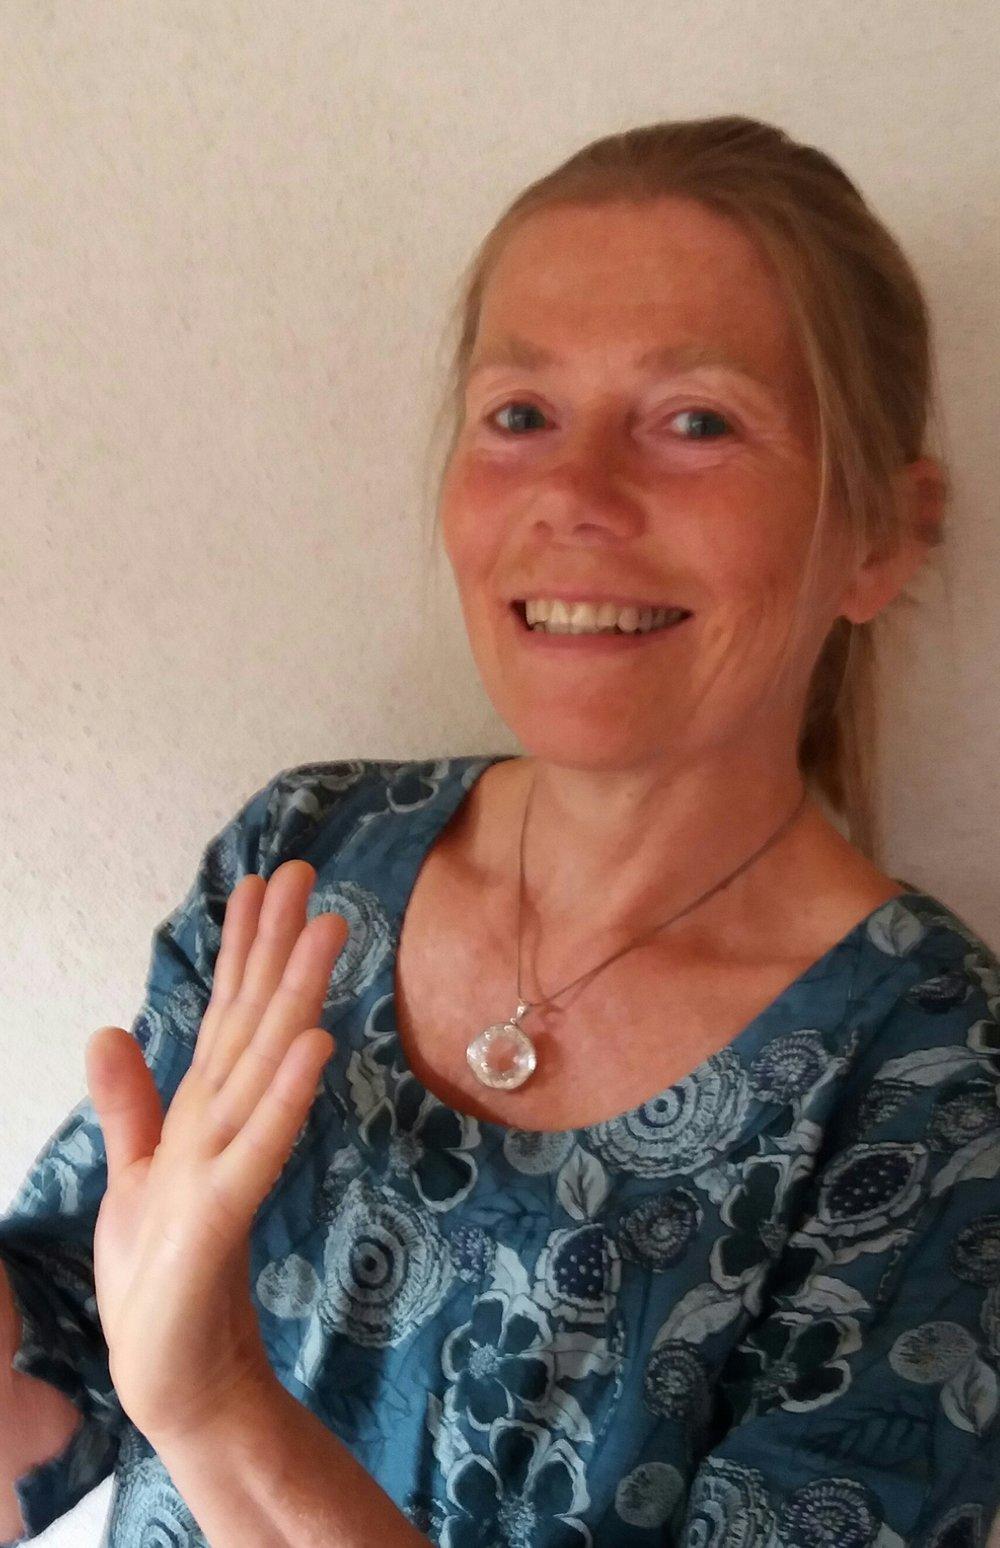 - NOCHENKA WELSHest thérapeute psycho-corporelle depuis 20 ans, formée en somato-thérapie, soins énergétiques, massages, qi gong thérapeutique, et MER depuis 2016. Elle donne des soins à Montbrun Bocage à Manaska.Téléphone : 05 61 98 92 64.Site internet de son lieu d'accueil pour stages et séances :manaska.eu.